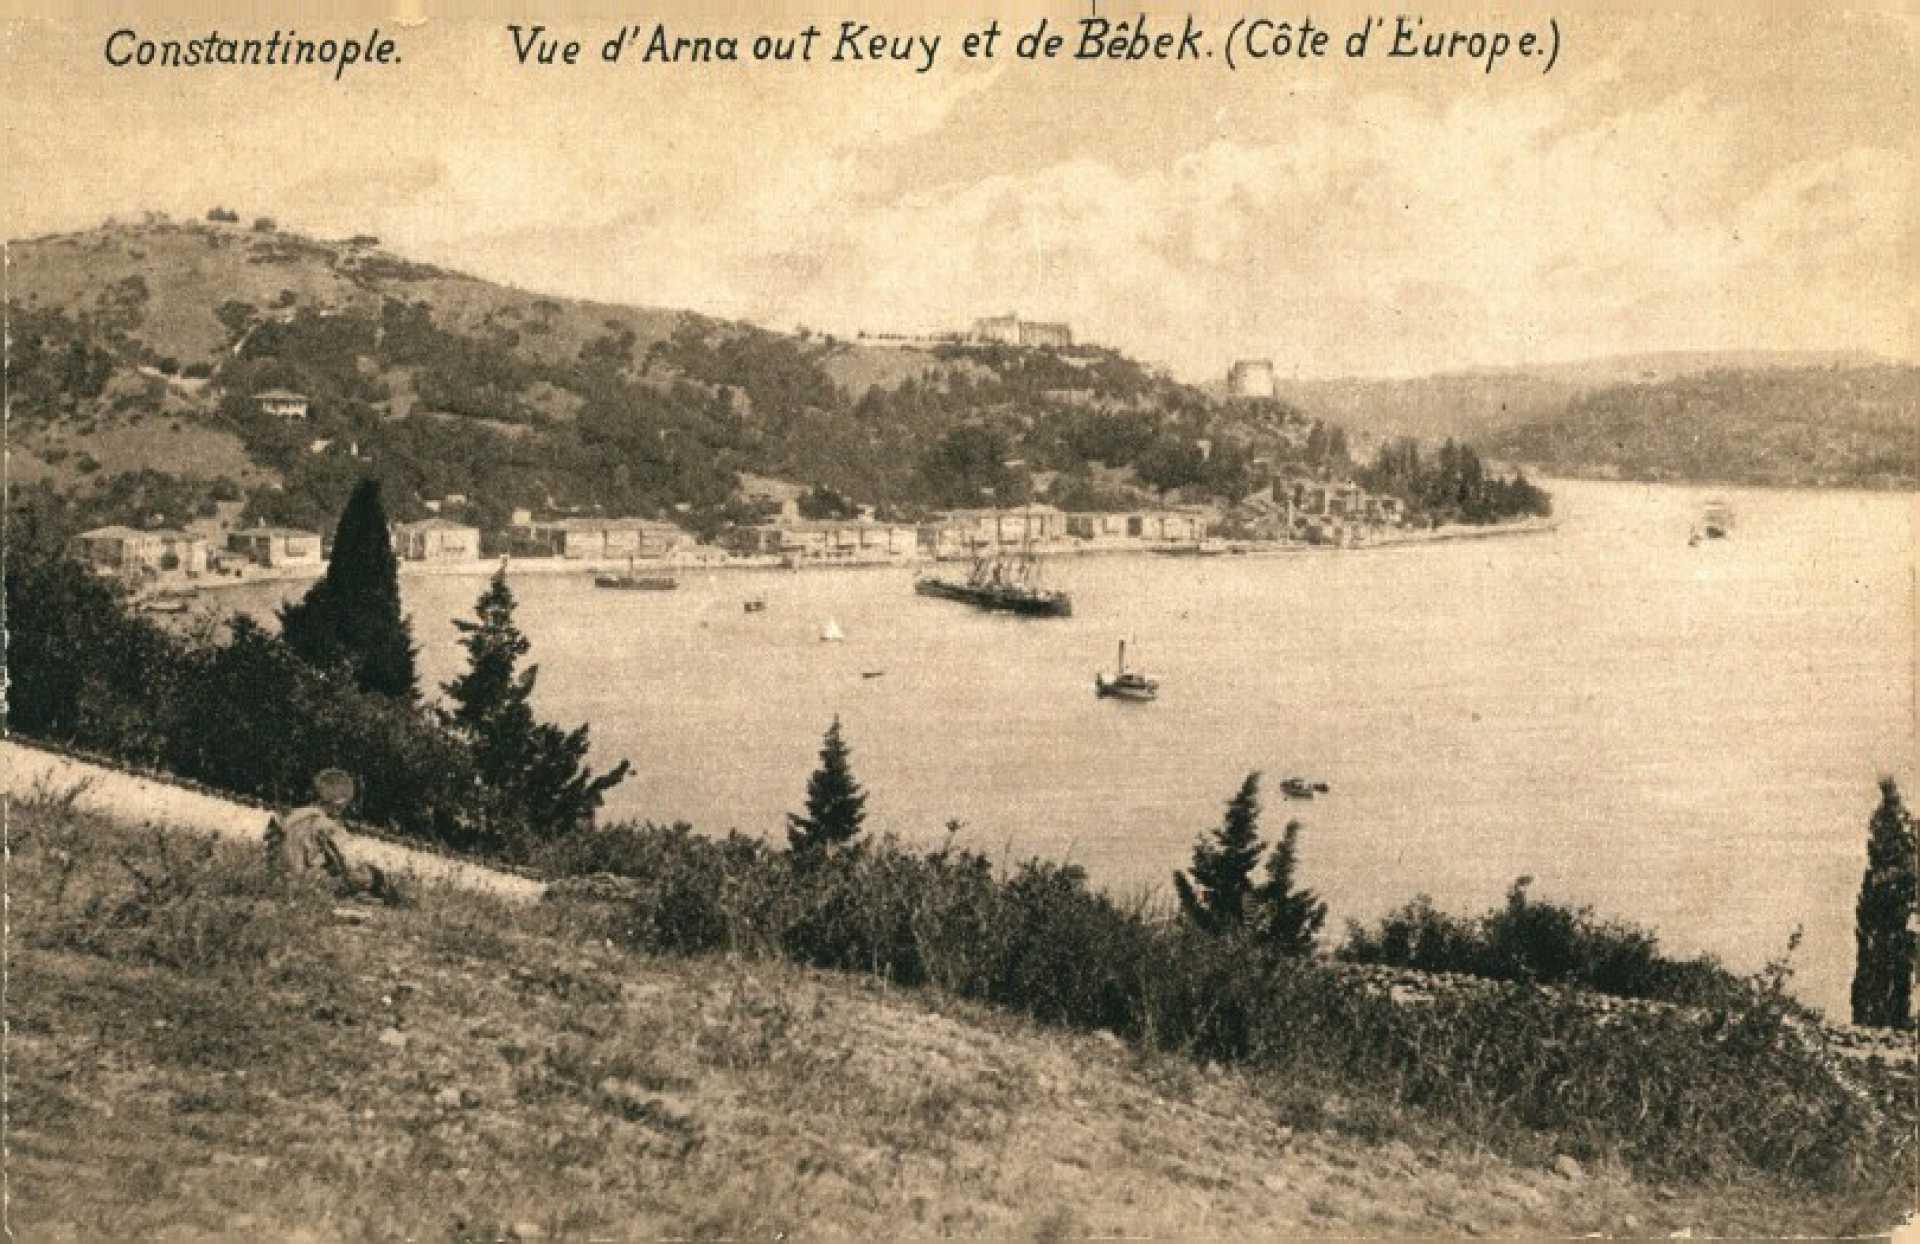 Vue d'Arnaout-keuy et de Bebek (Cote d'Europe)